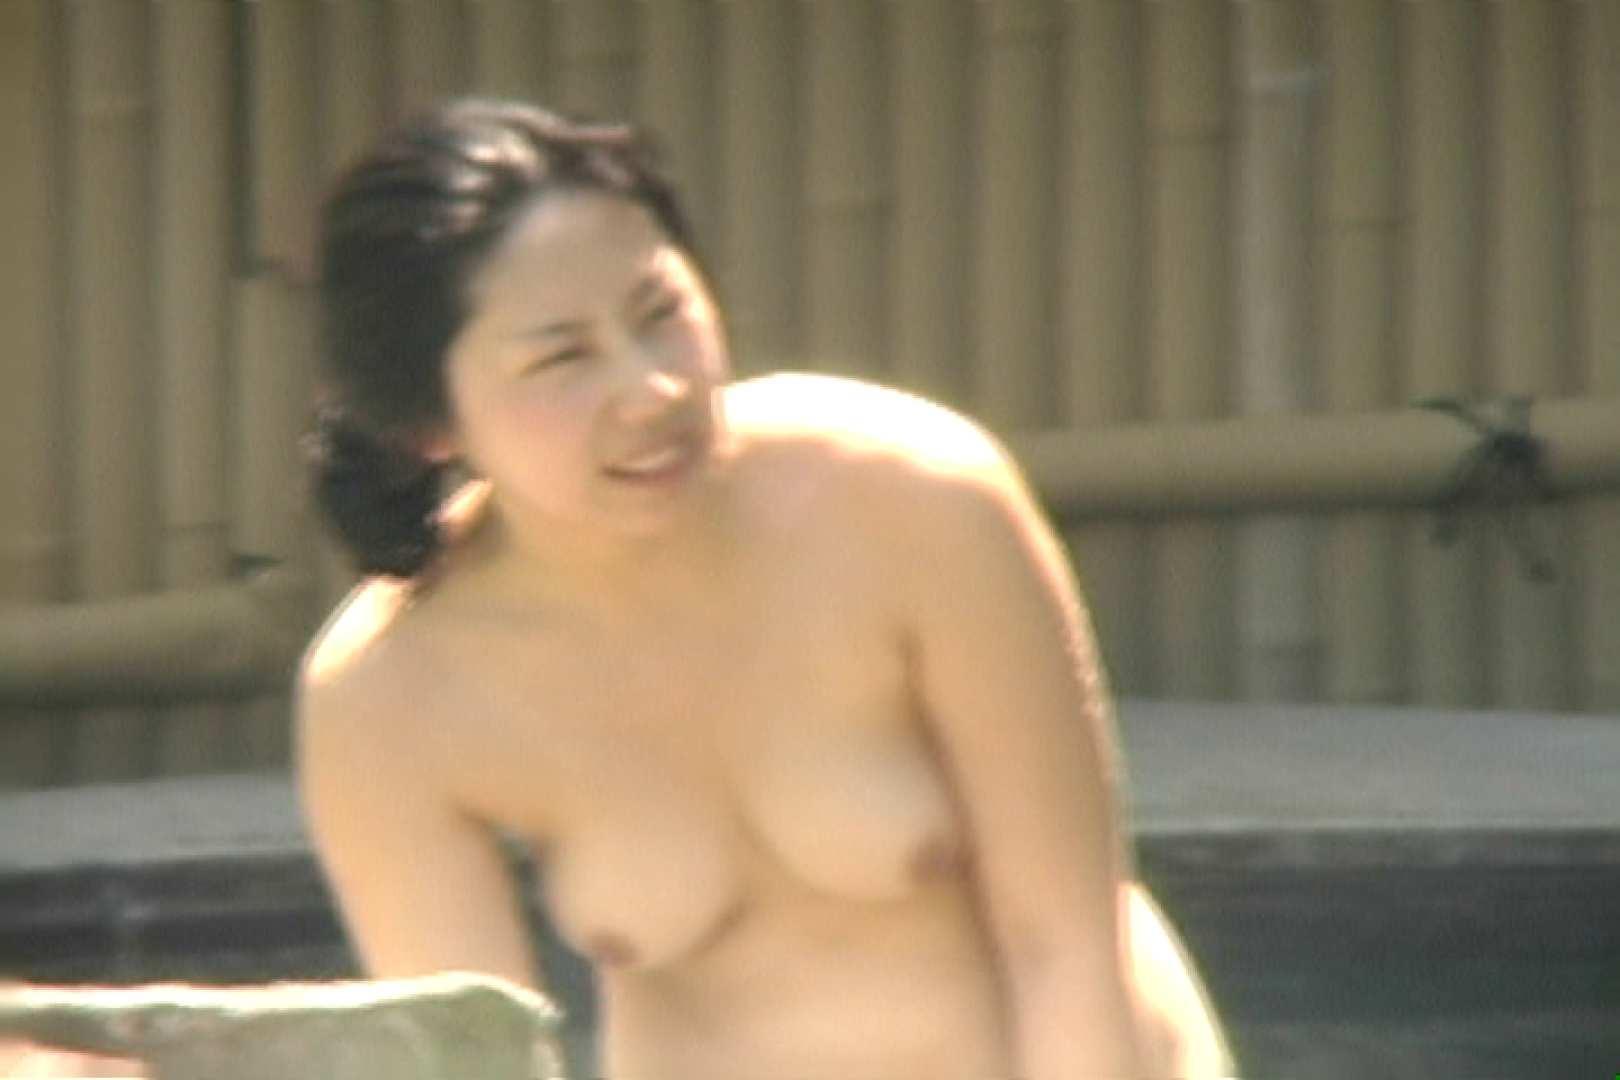 高画質露天女風呂観察 vol.002 露天風呂編 エロ画像 106PIX 56